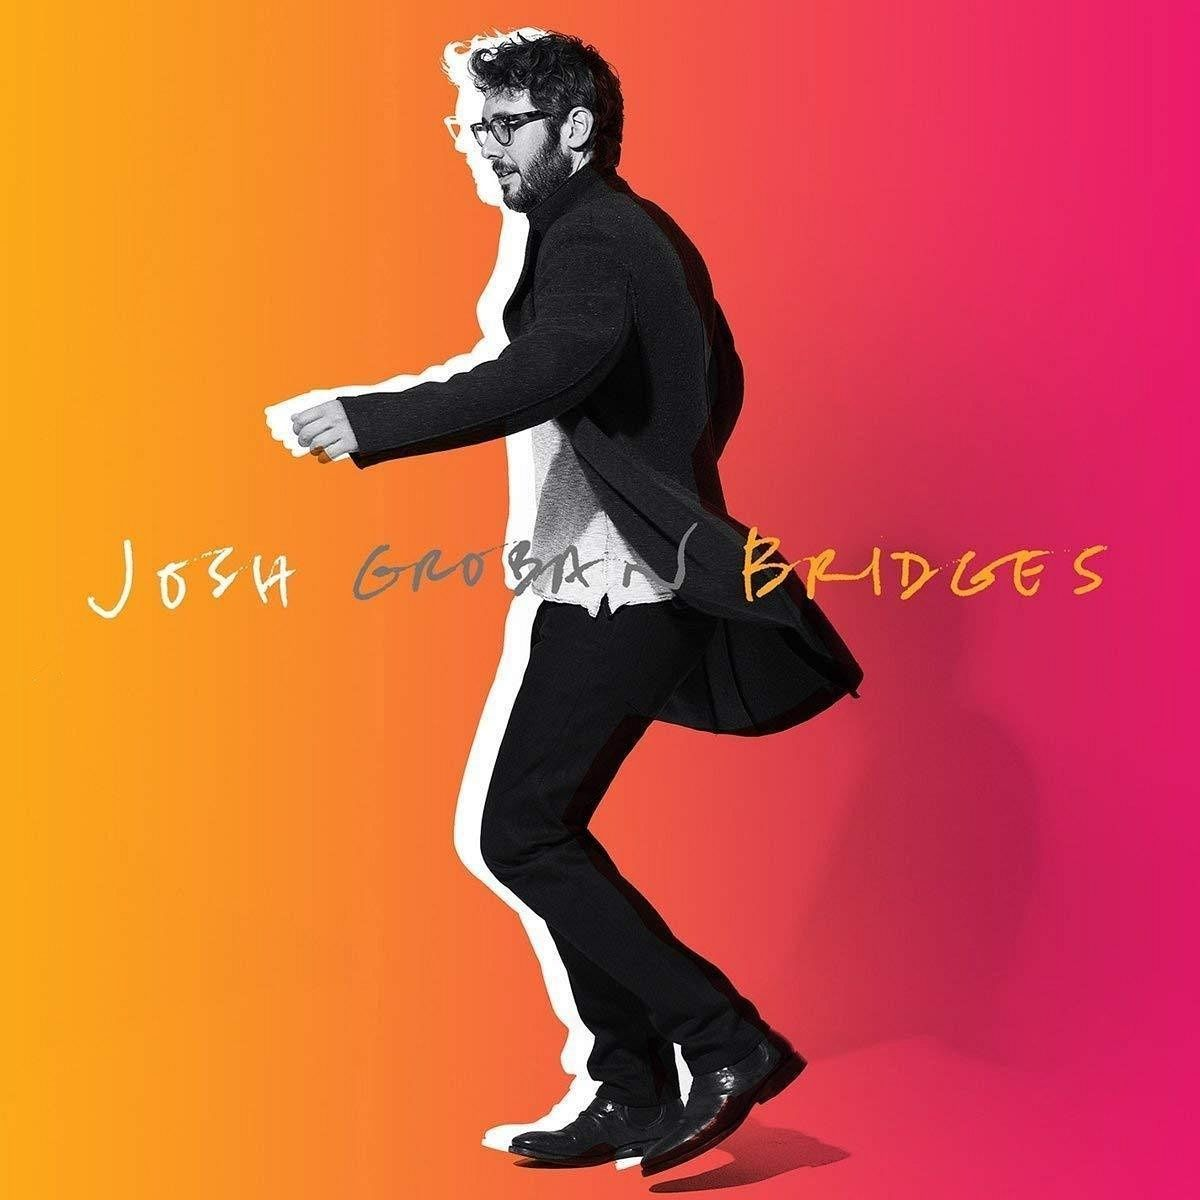 Josh Groban - Bridges album cover